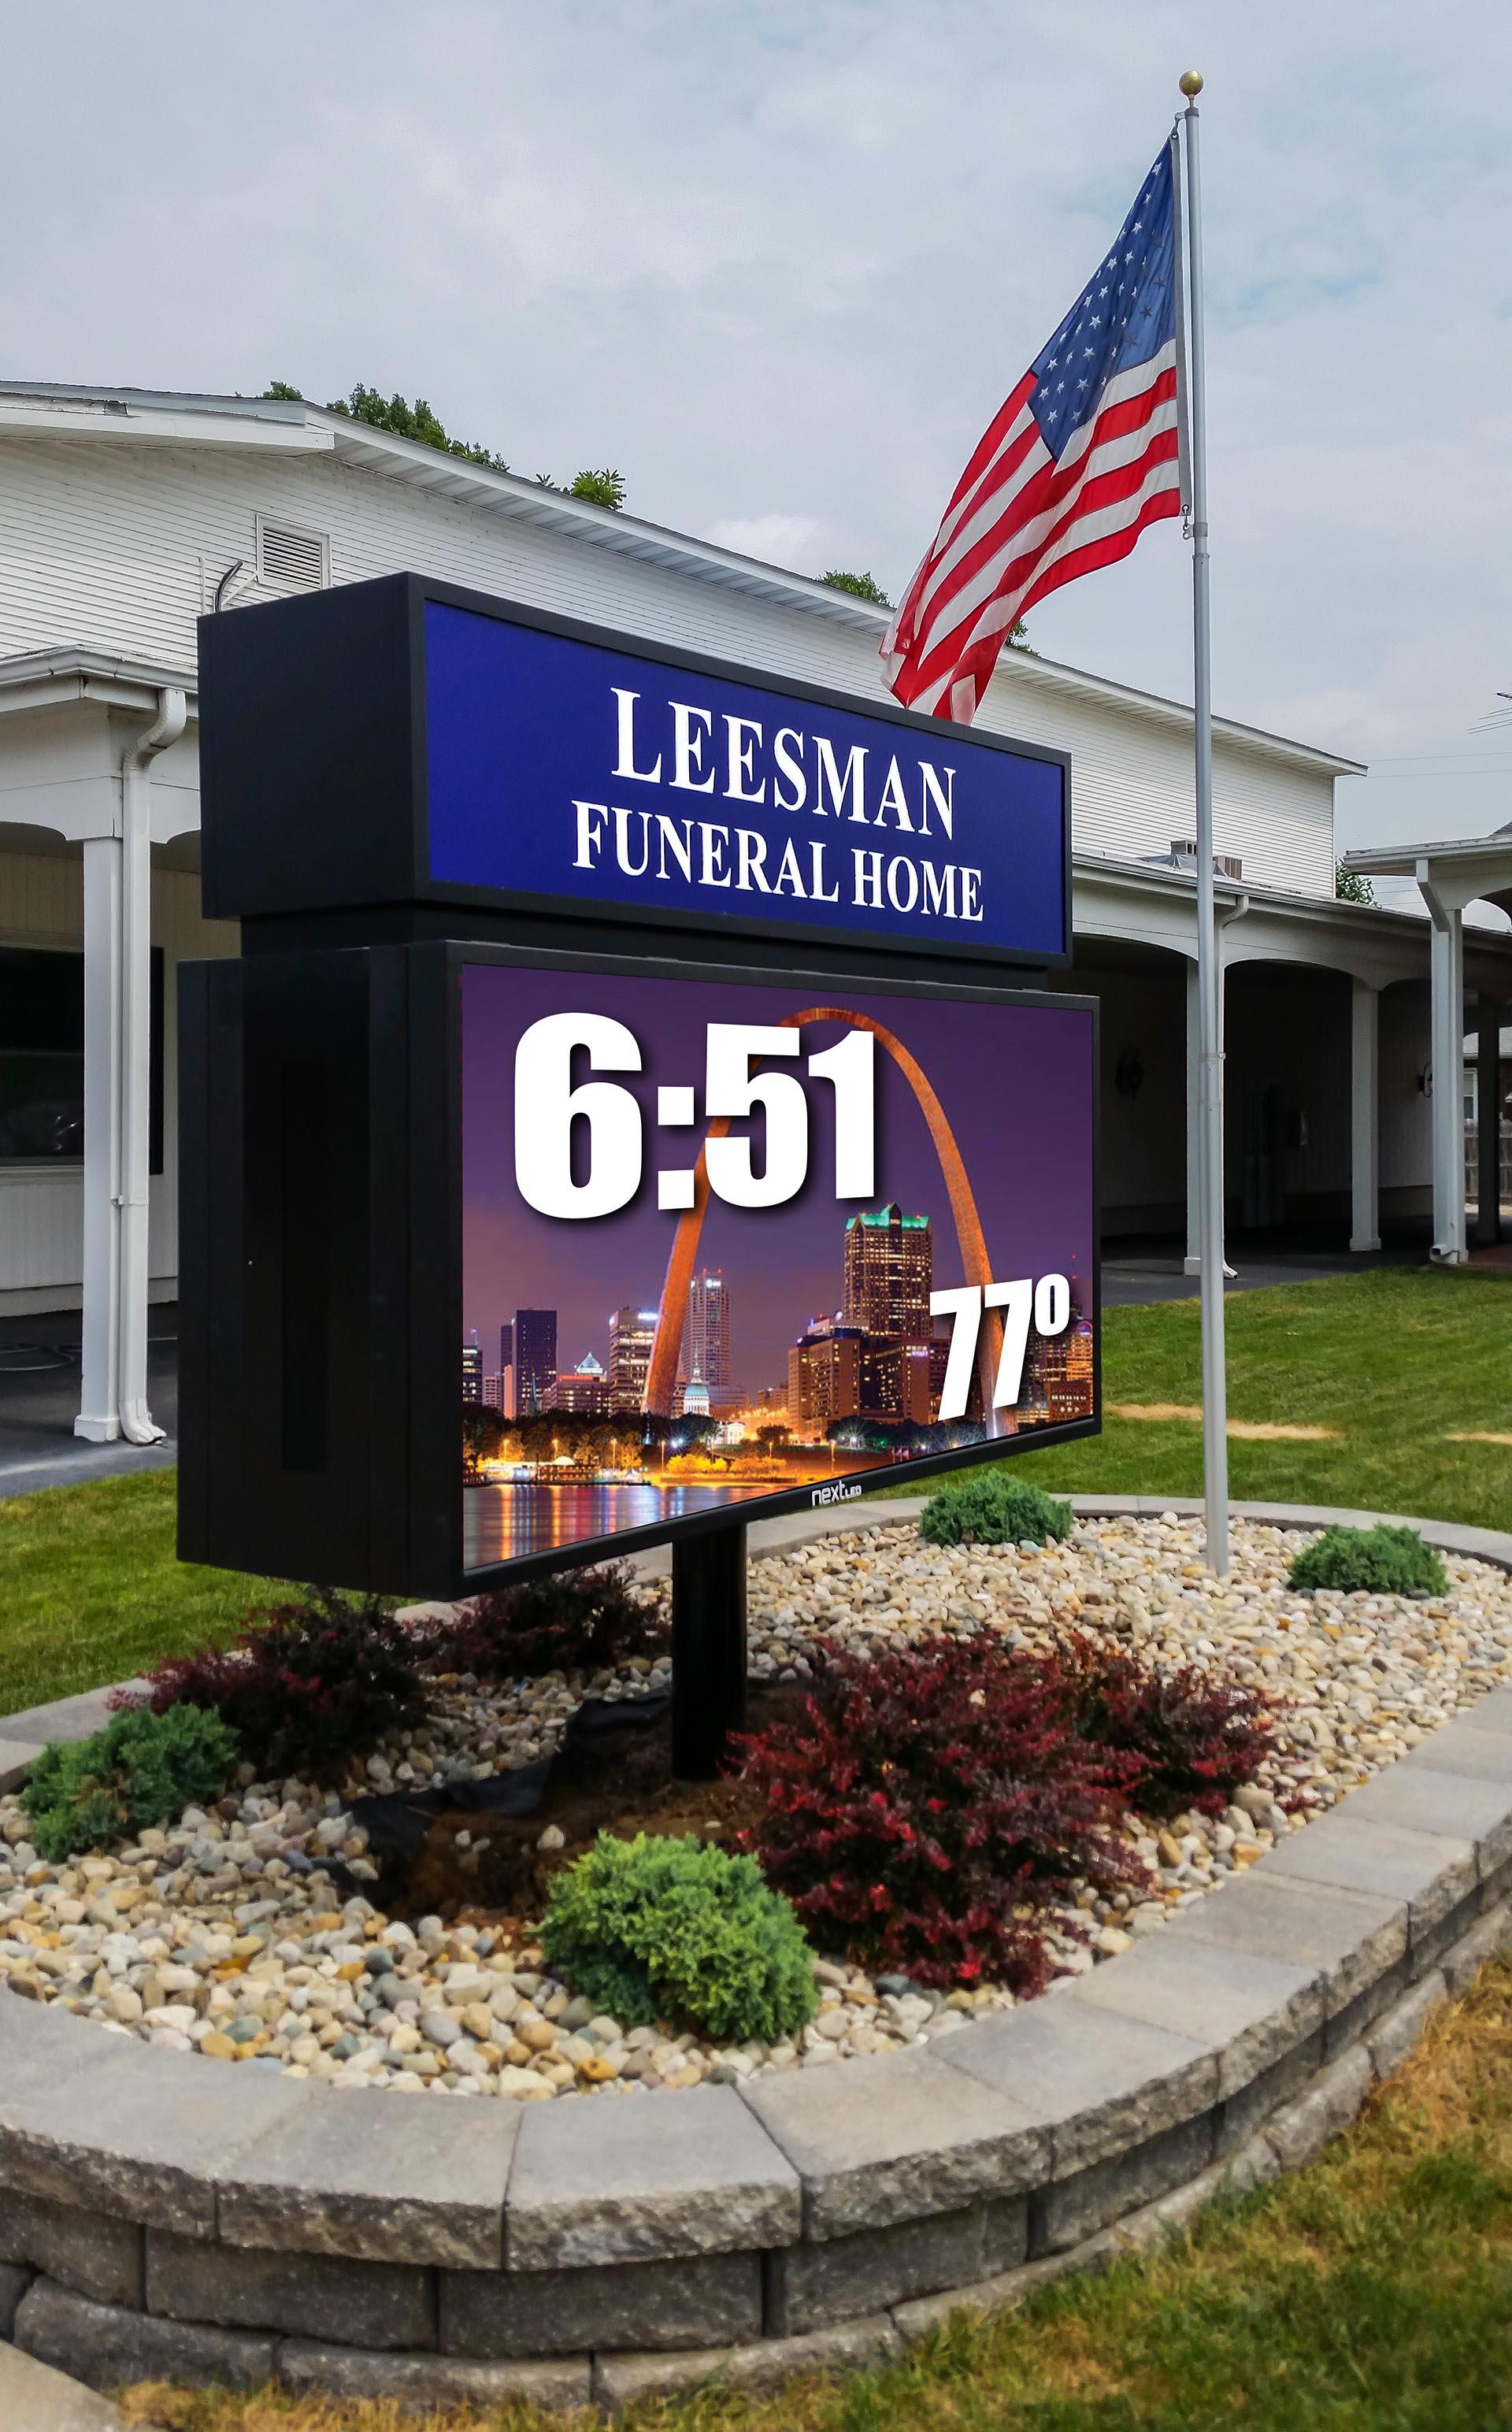 Leesman Funeral Home-Photo by Summit Signs.jpg